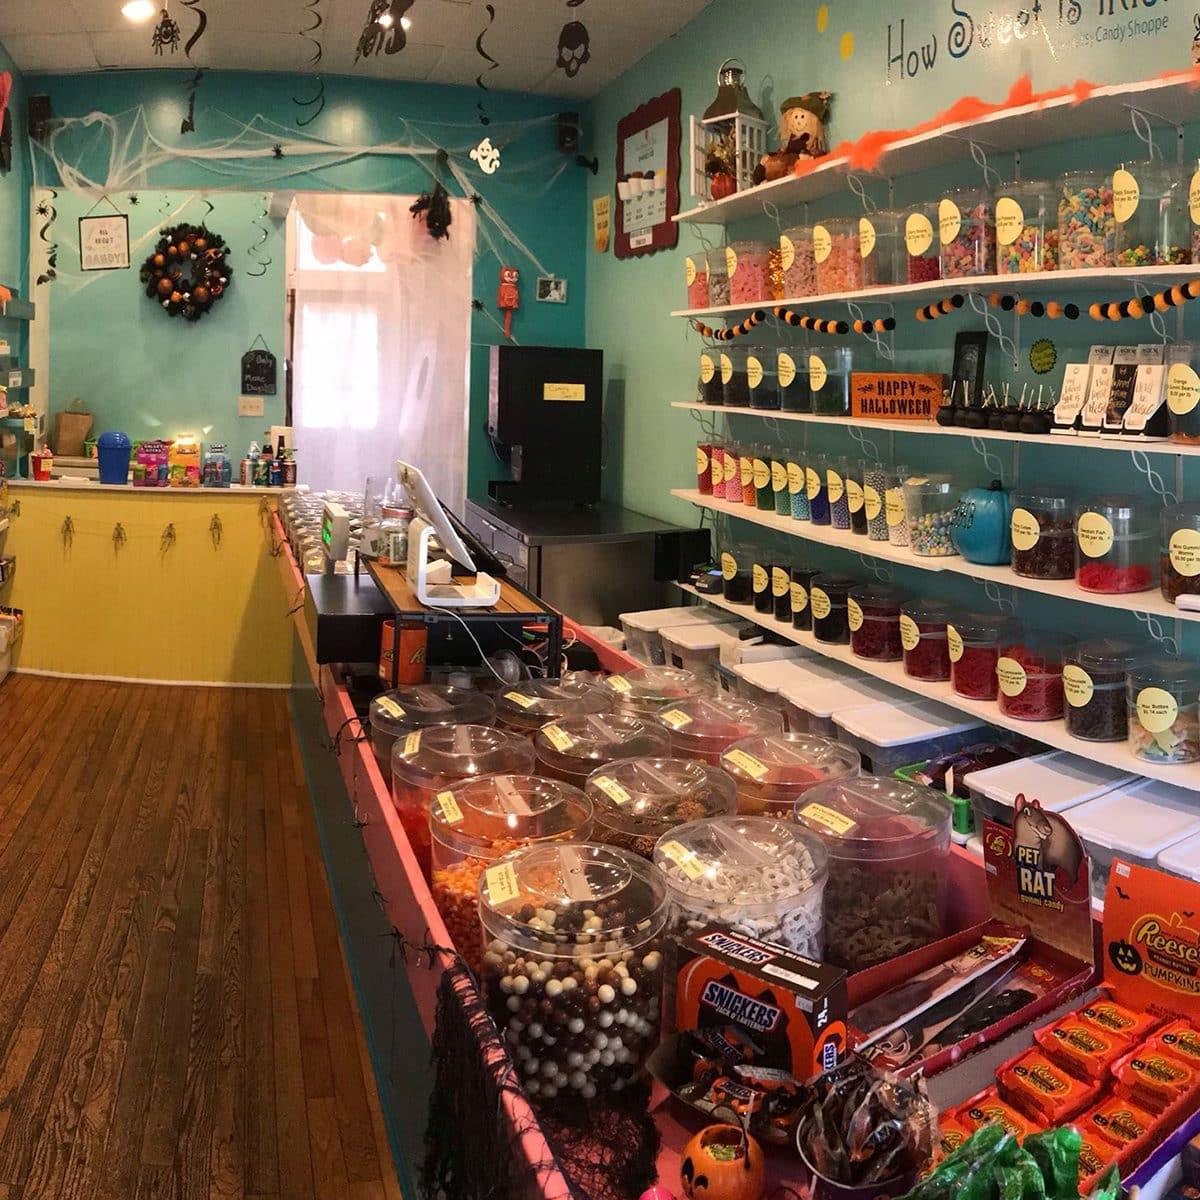 Qué dulce es esto, la mejor tienda de dulces en todos los estados